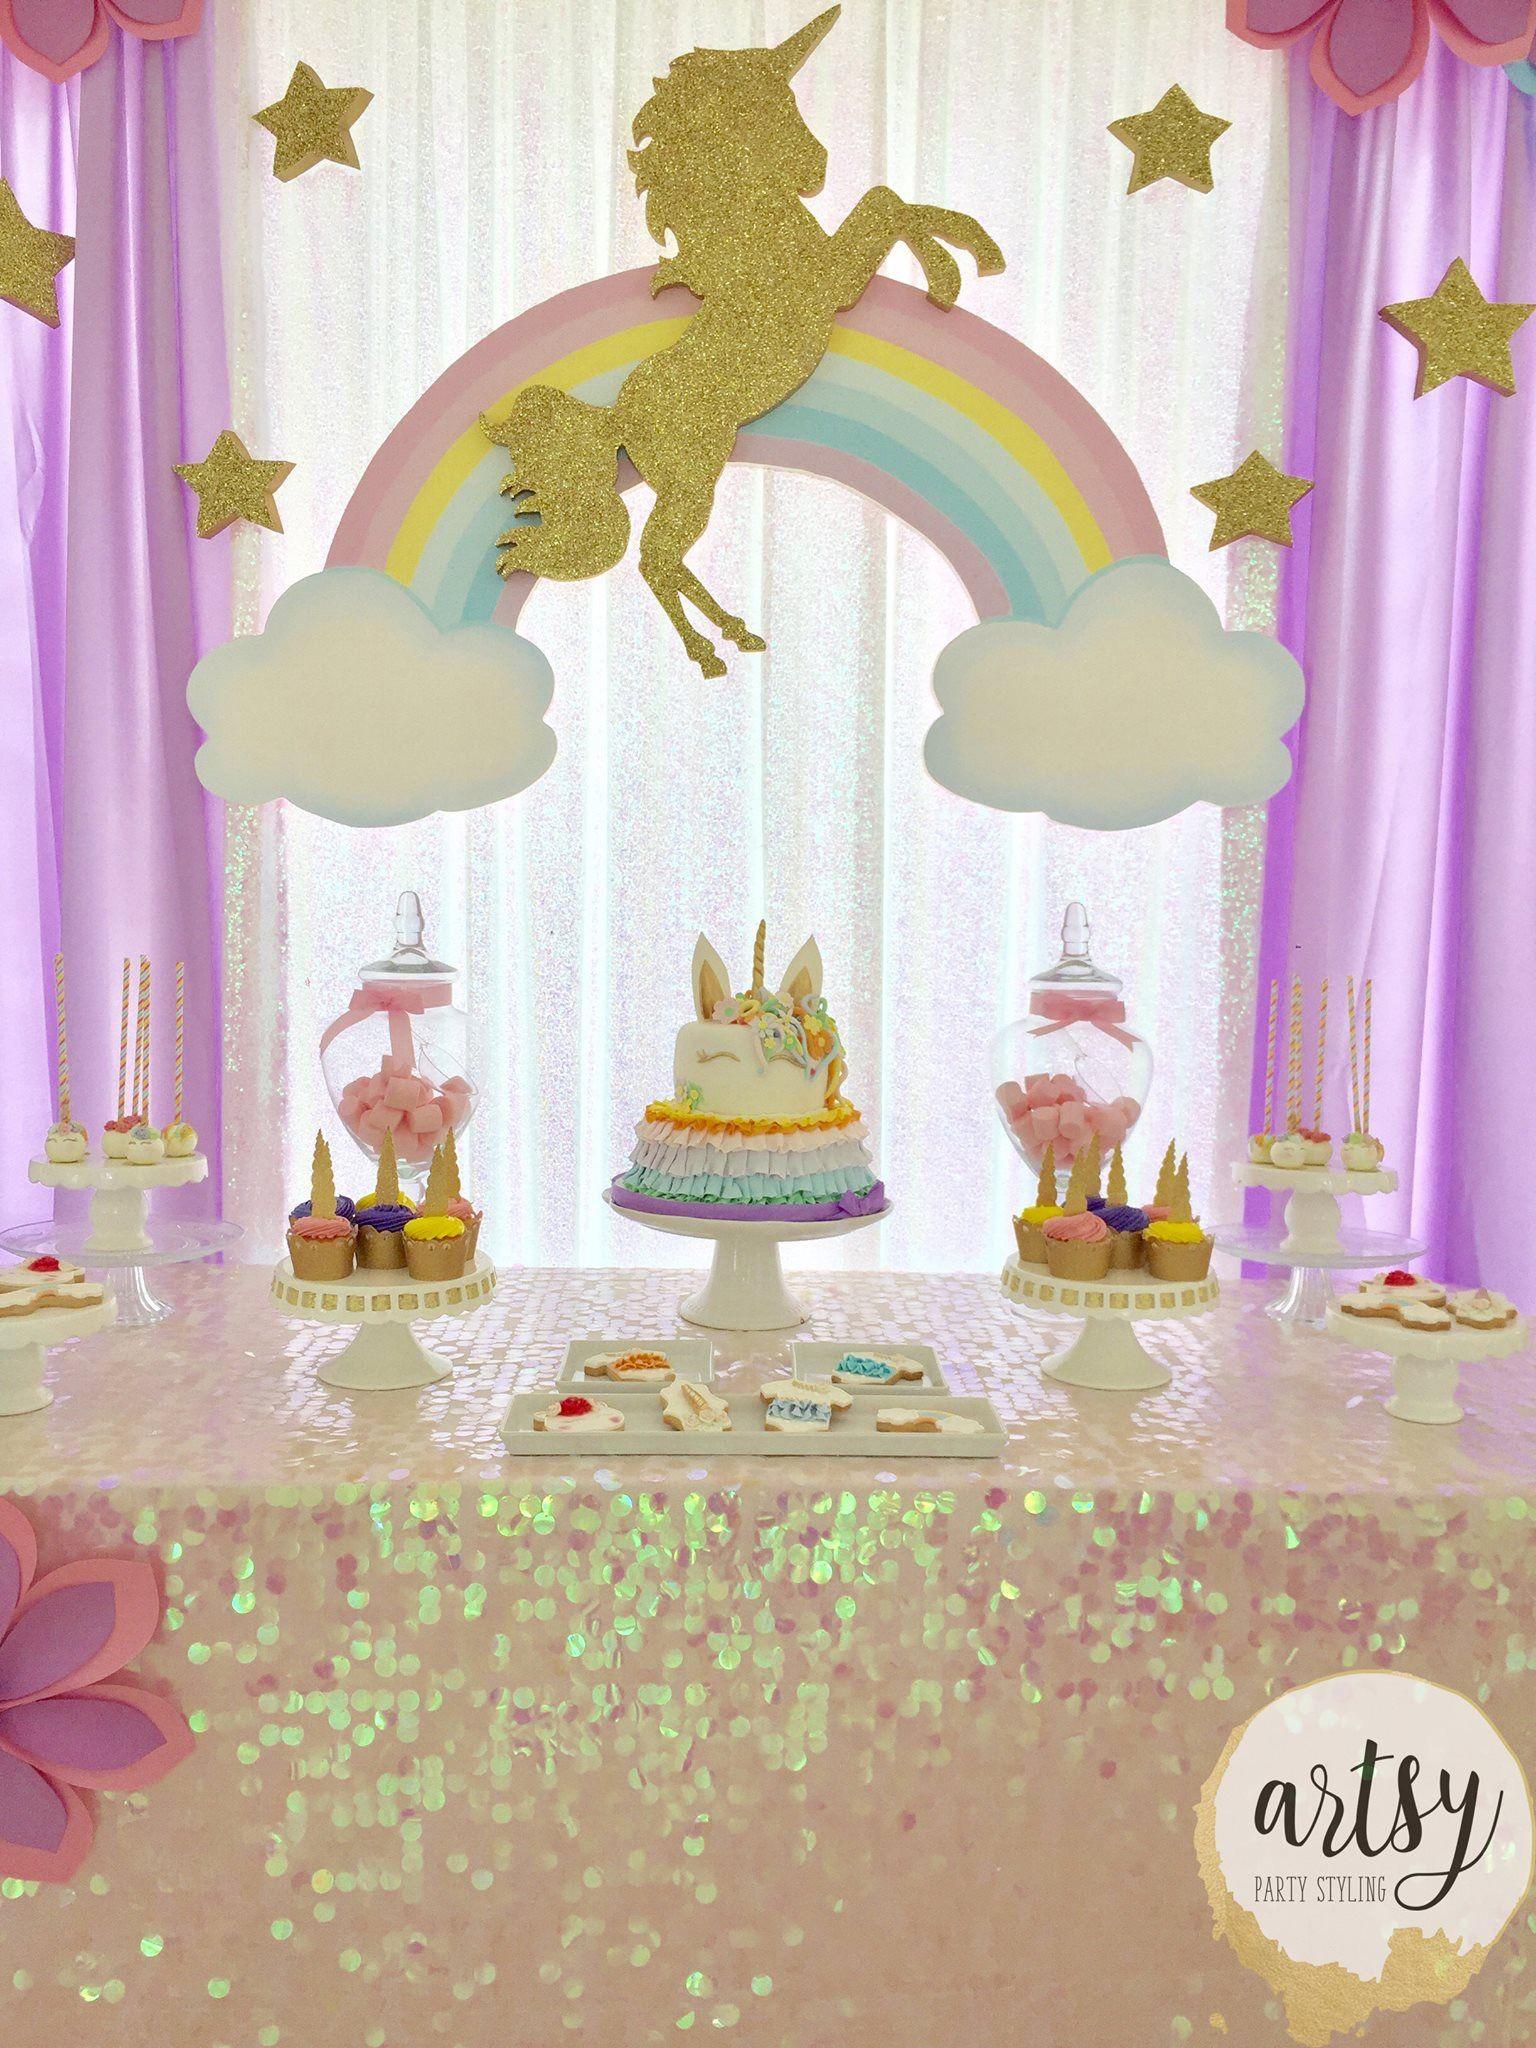 Pin by Chung on Unicornios | Pinterest | Unicorns, Unicorn party and ...